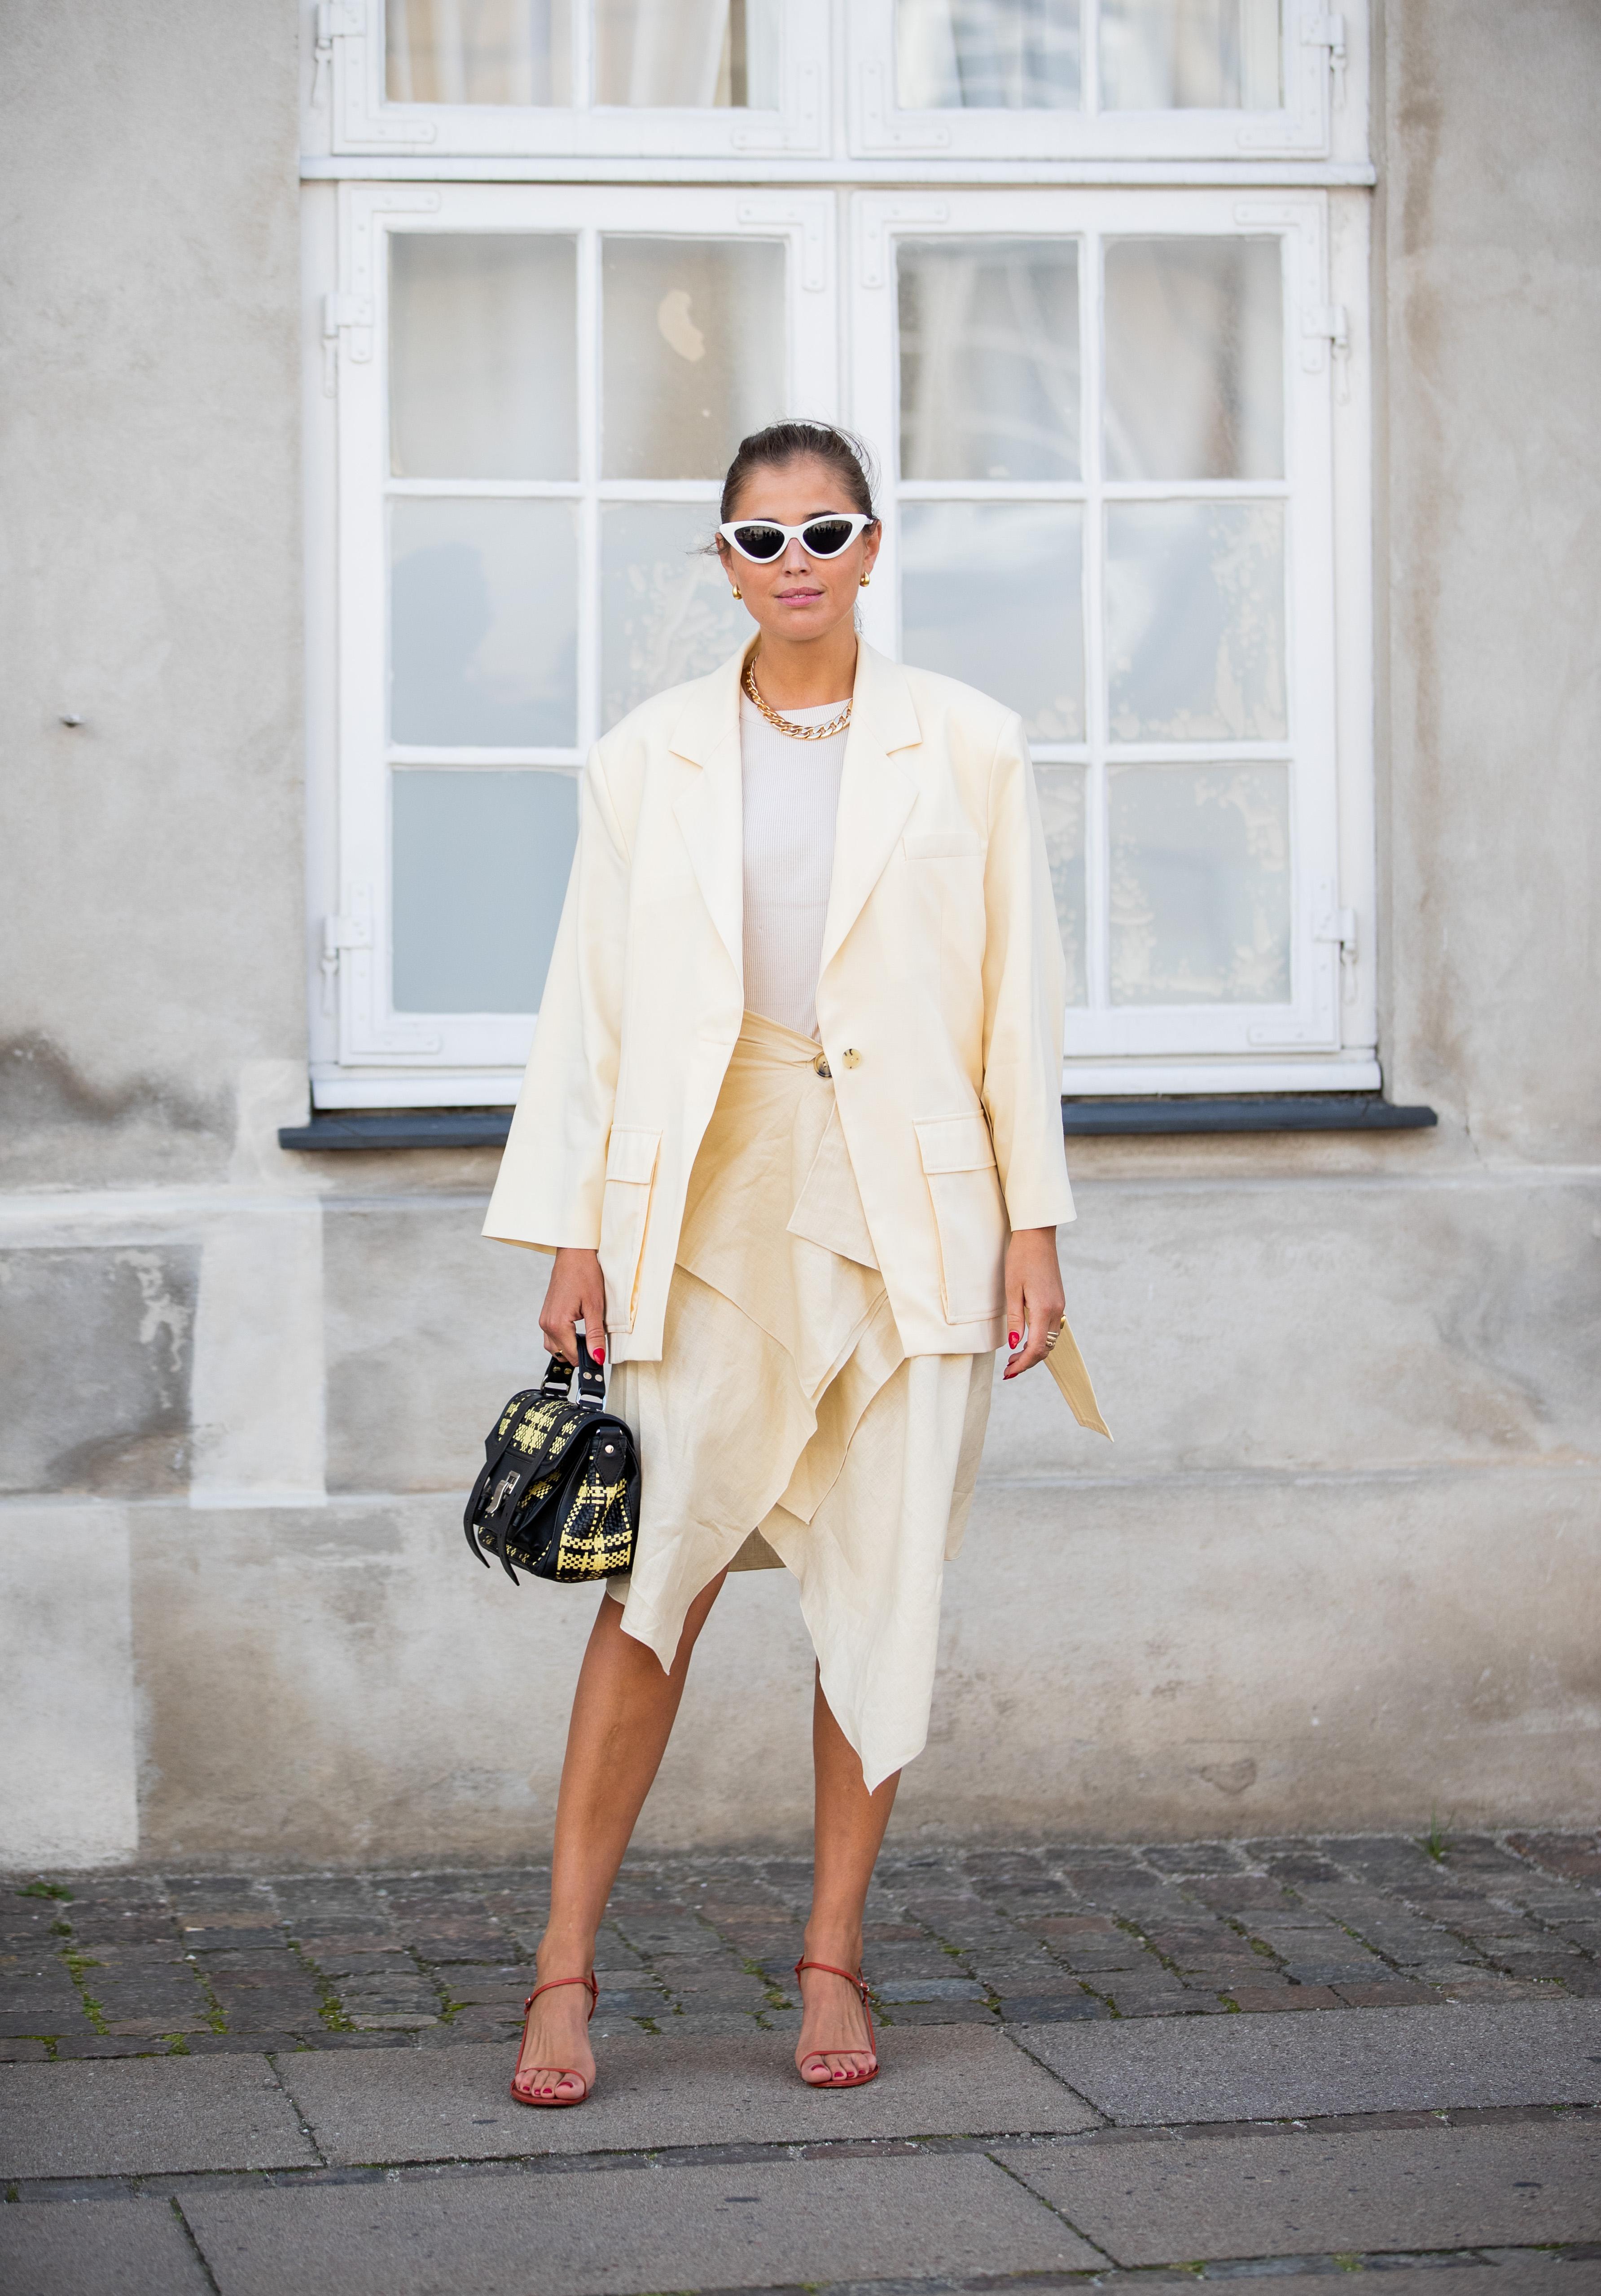 アシンメトリーなデザインがクールなスカートはジャケットと合わせてセットアップのようなスタイリングに。オフホワイトのカラーニュアンスがレディさを作り出す。華奢なサンダルも雰囲気にフィット。